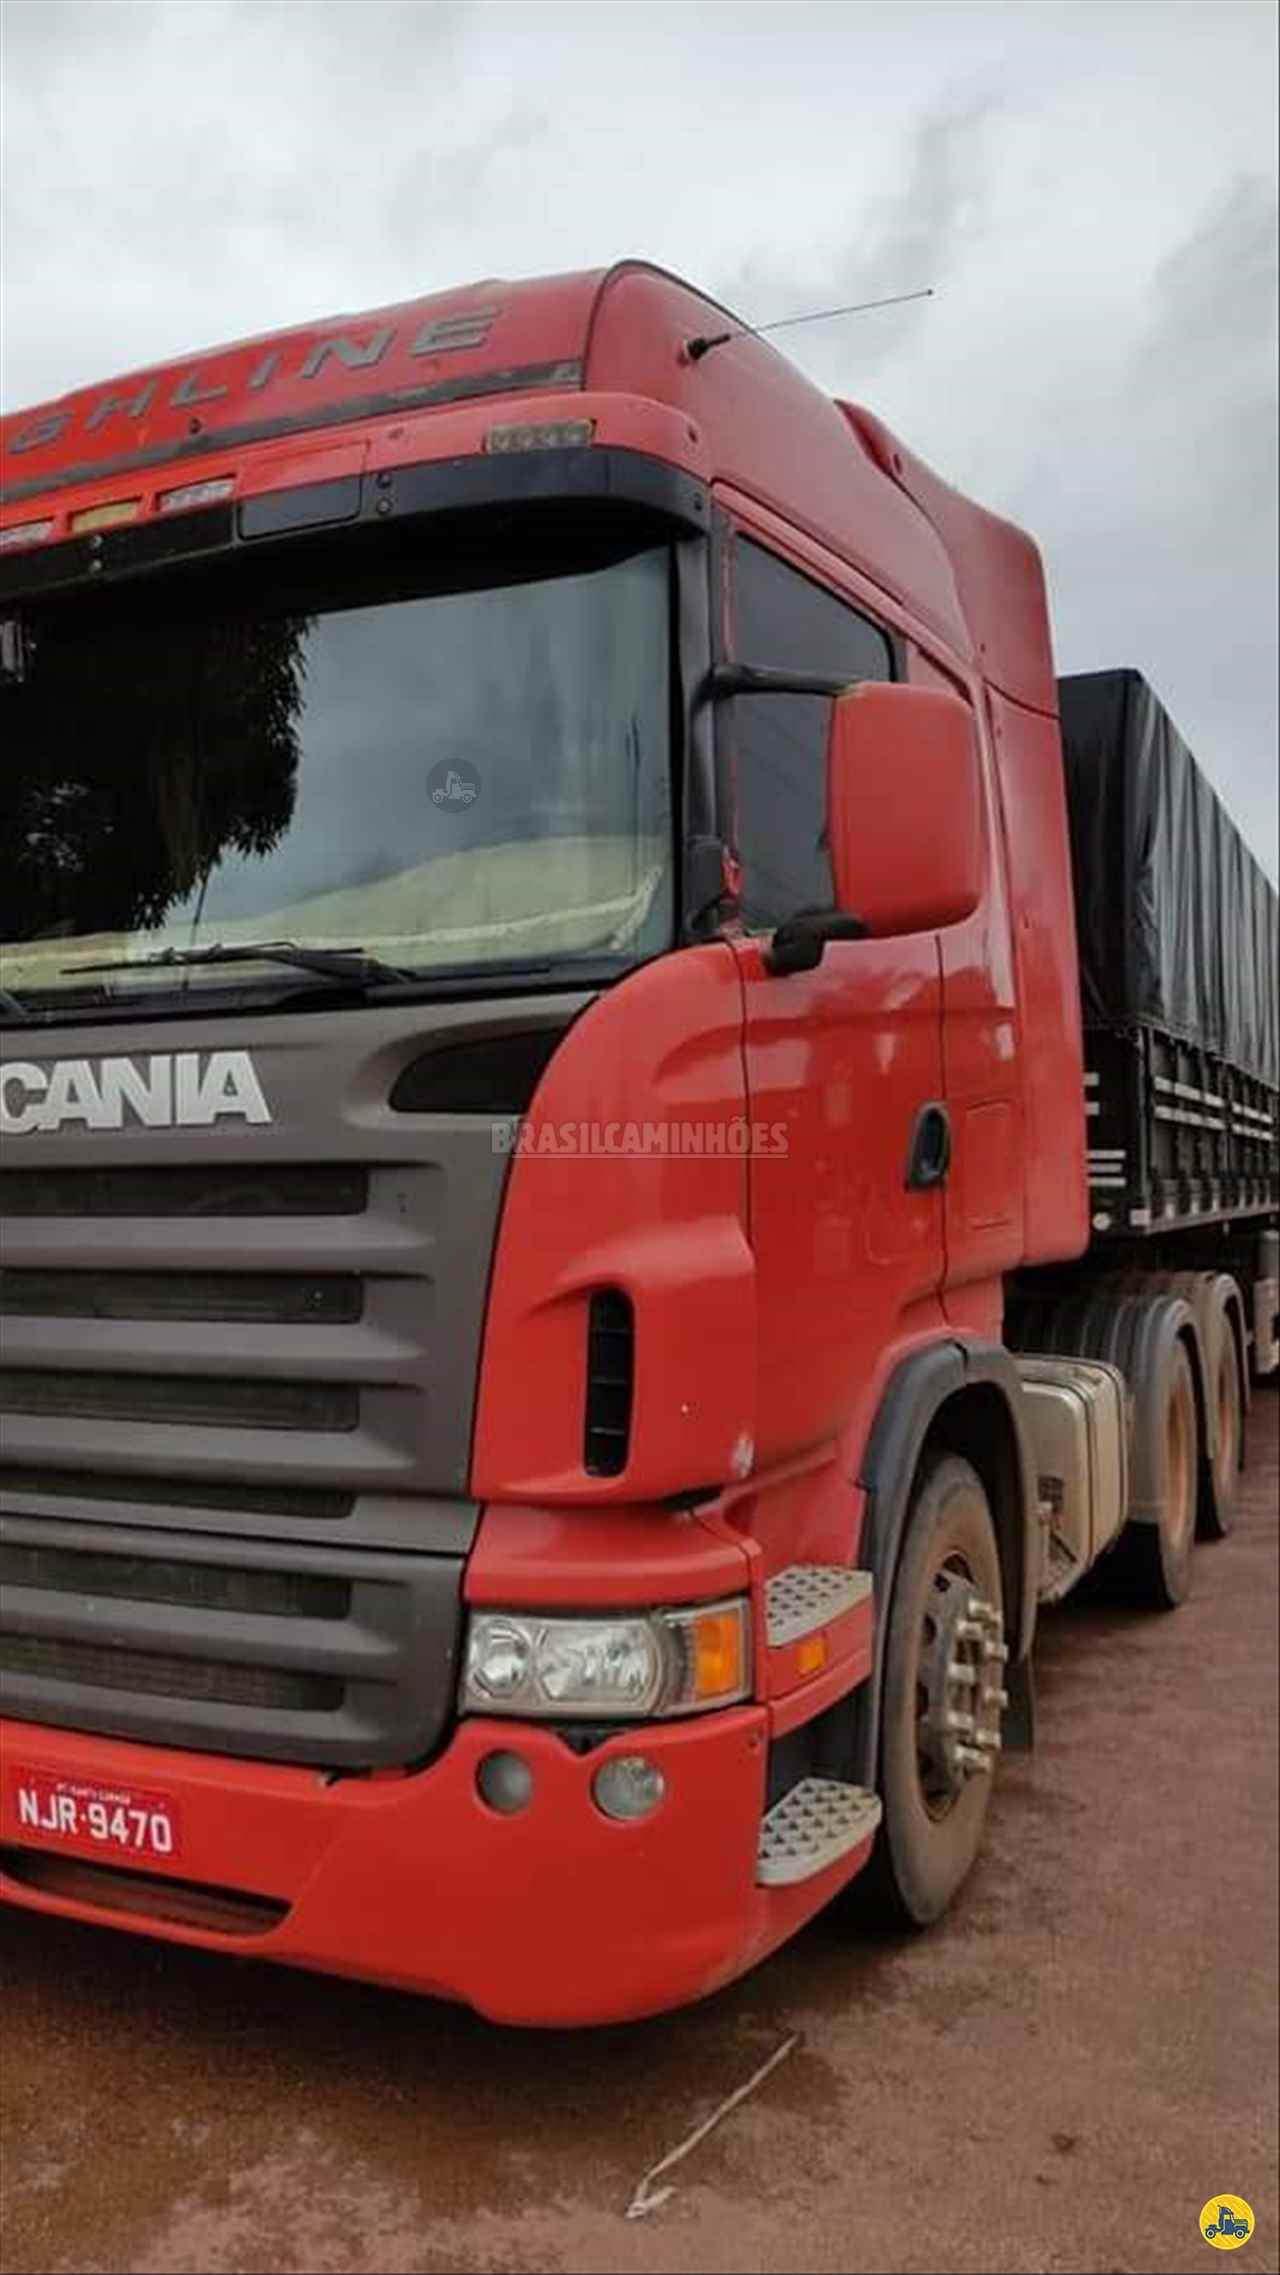 CAMINHAO SCANIA SCANIA 500 Cavalo Mecânico Traçado 6x4 Brasil Caminhões Sinop SINOP MATO GROSSO MT